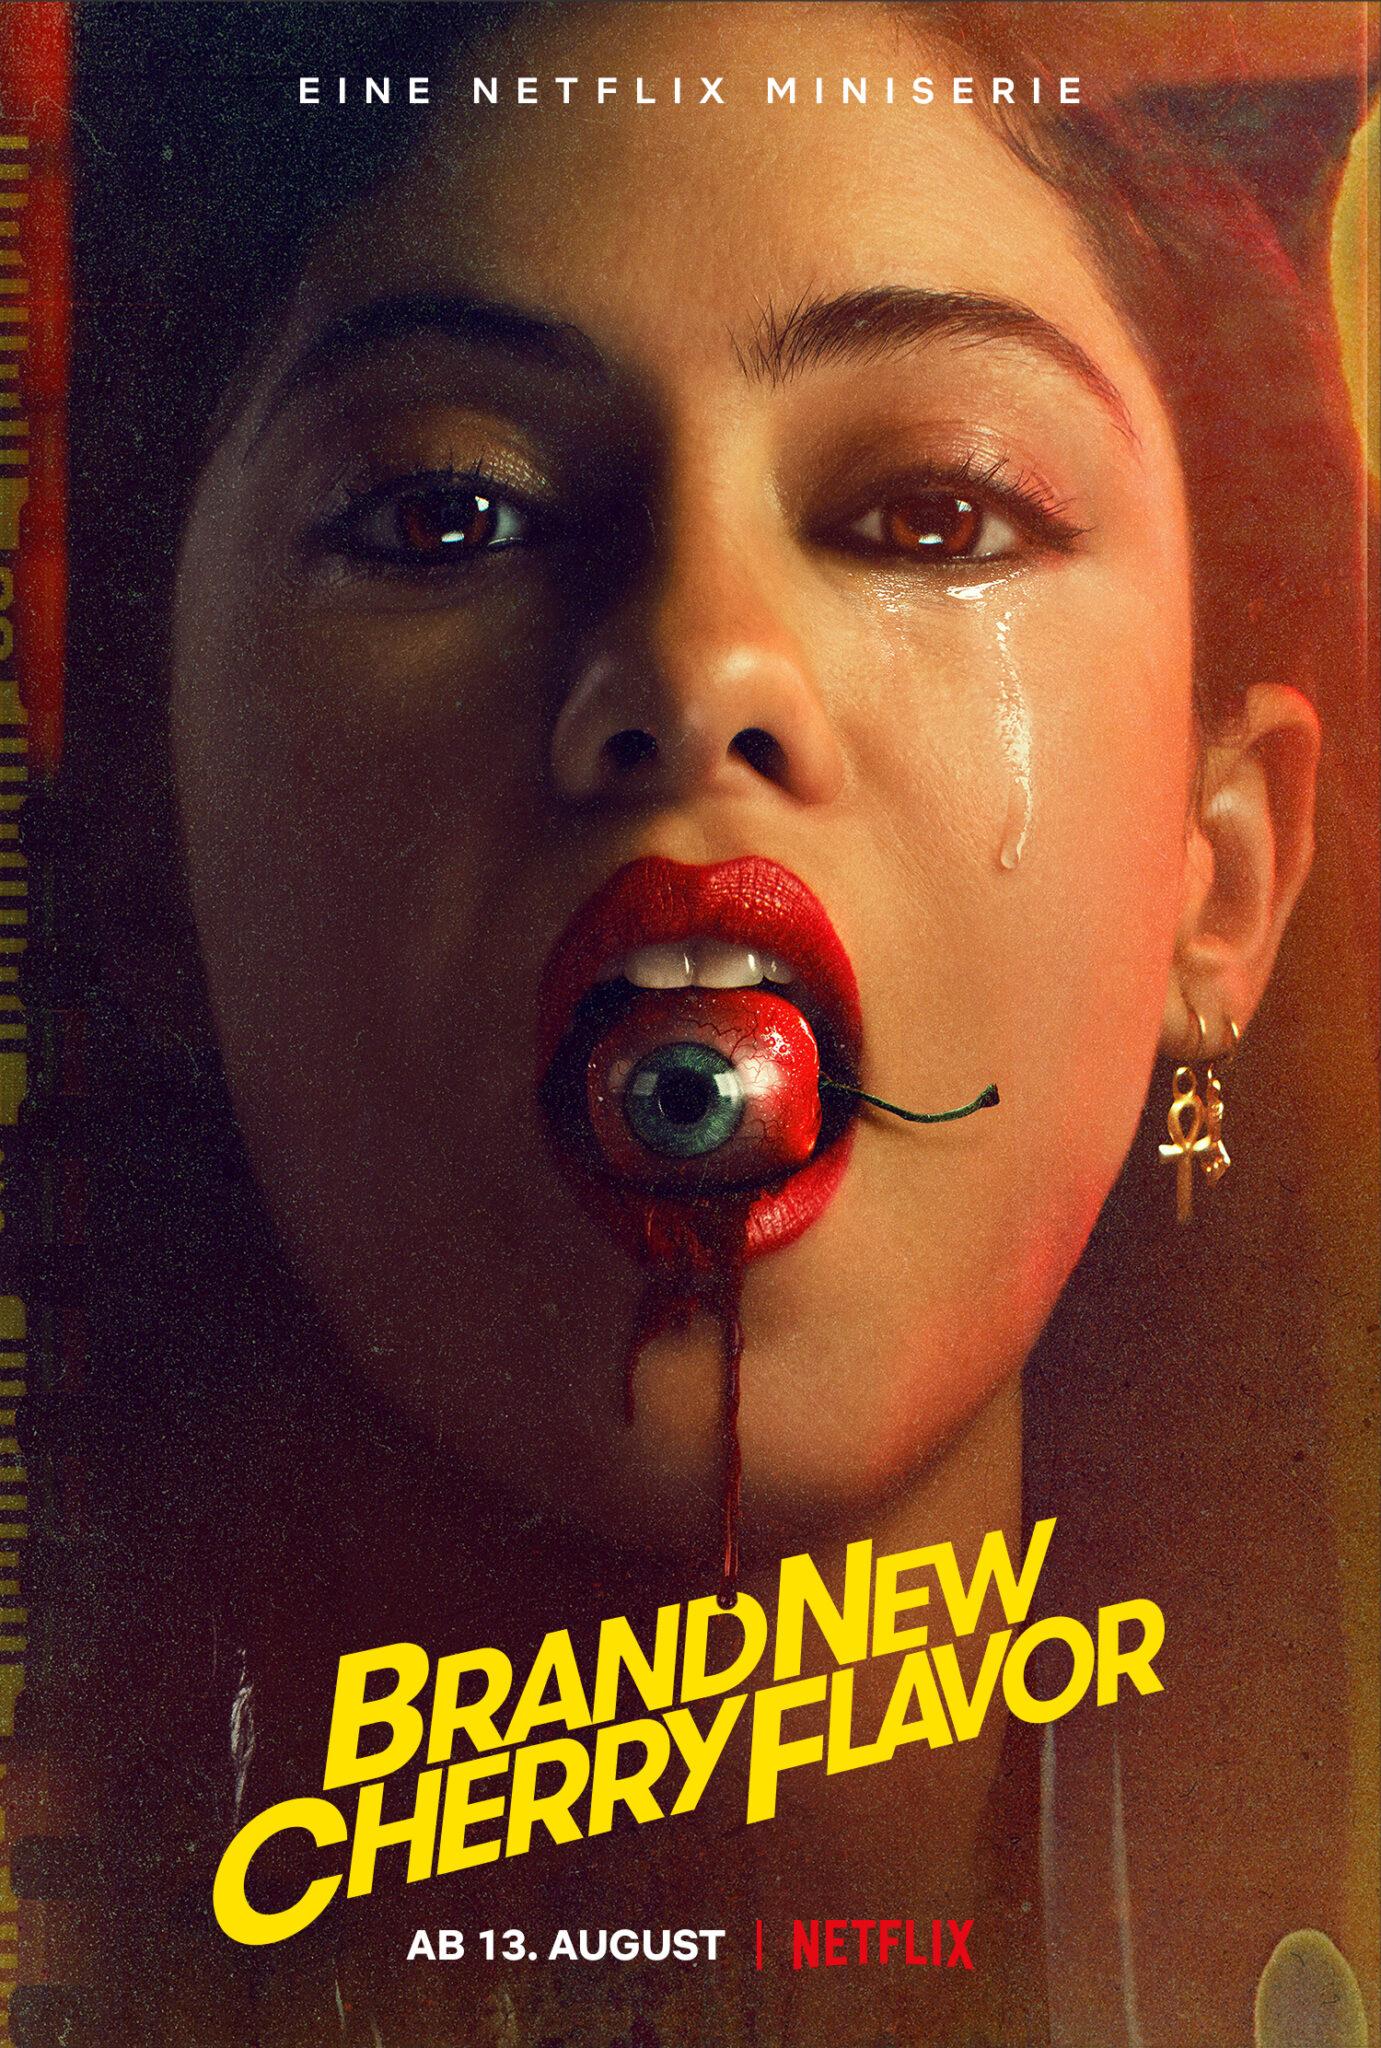 Das deutsche Poster zur Serie Brand New Cherry Flavor zeigt das Porträt der Protagonistin mit einem Auge in Kirschform im Mund.